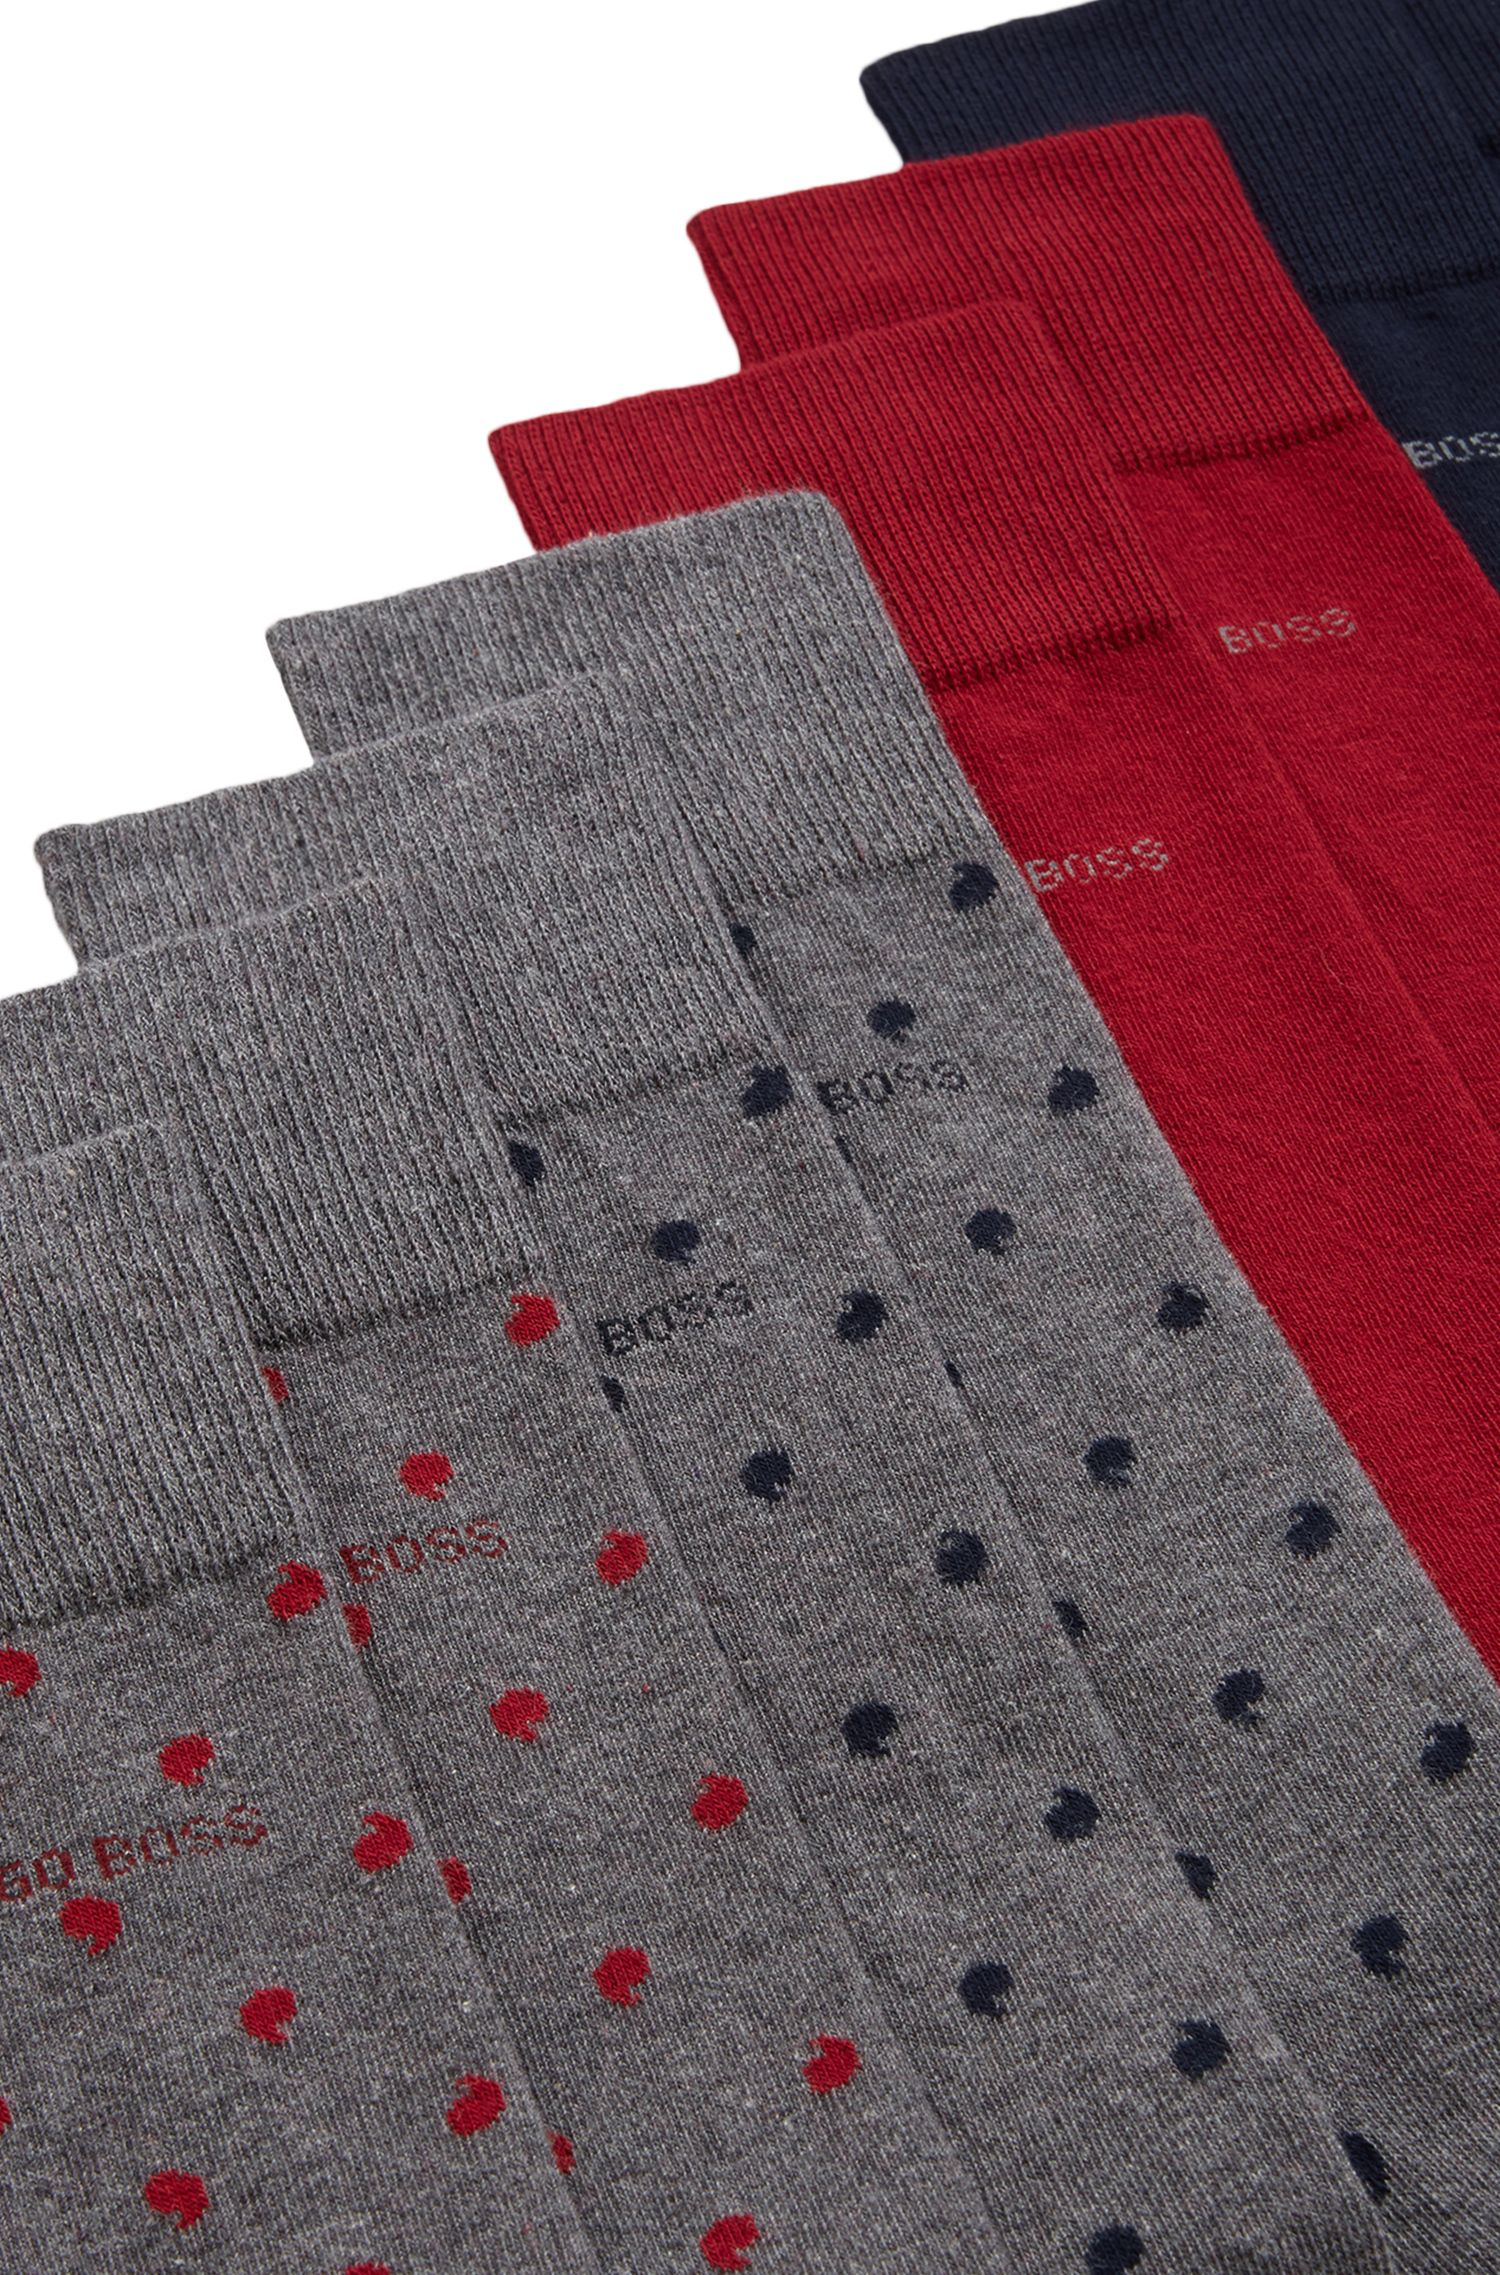 Set regalo composto da calze di lunghezza media in misto cotone elasticizzato in confezione da quattro